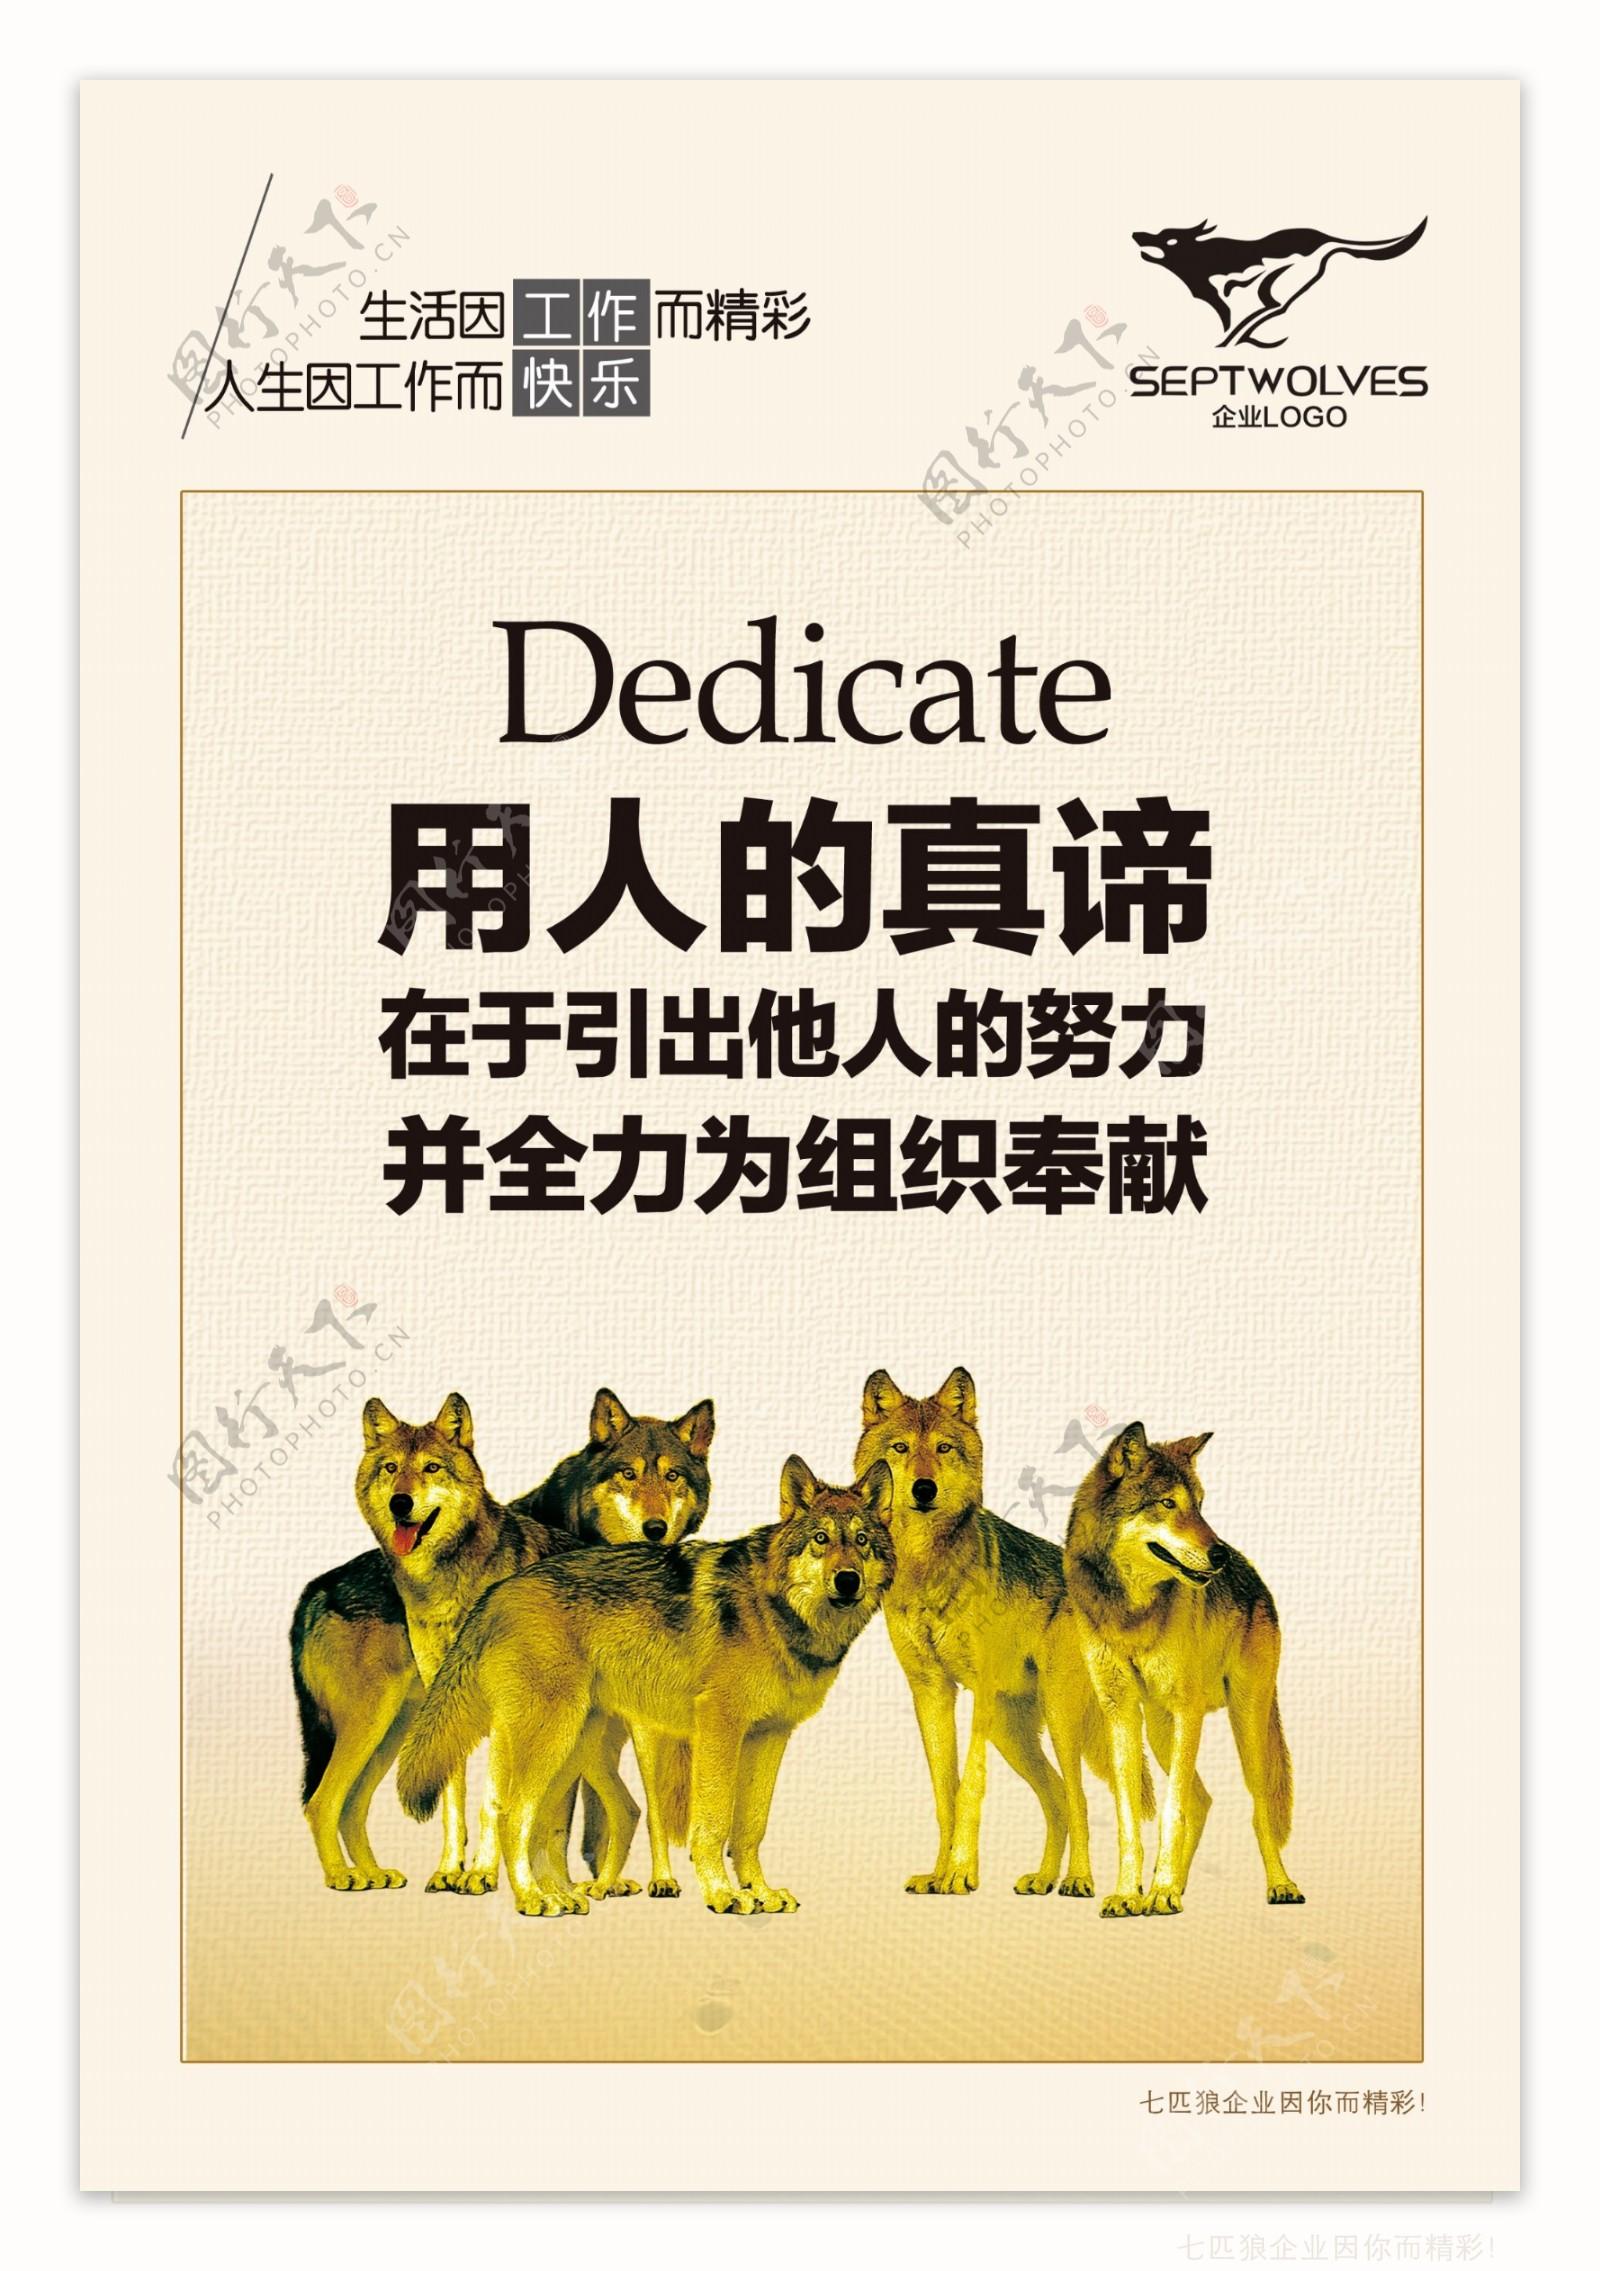 企业文化狼人事文化图片